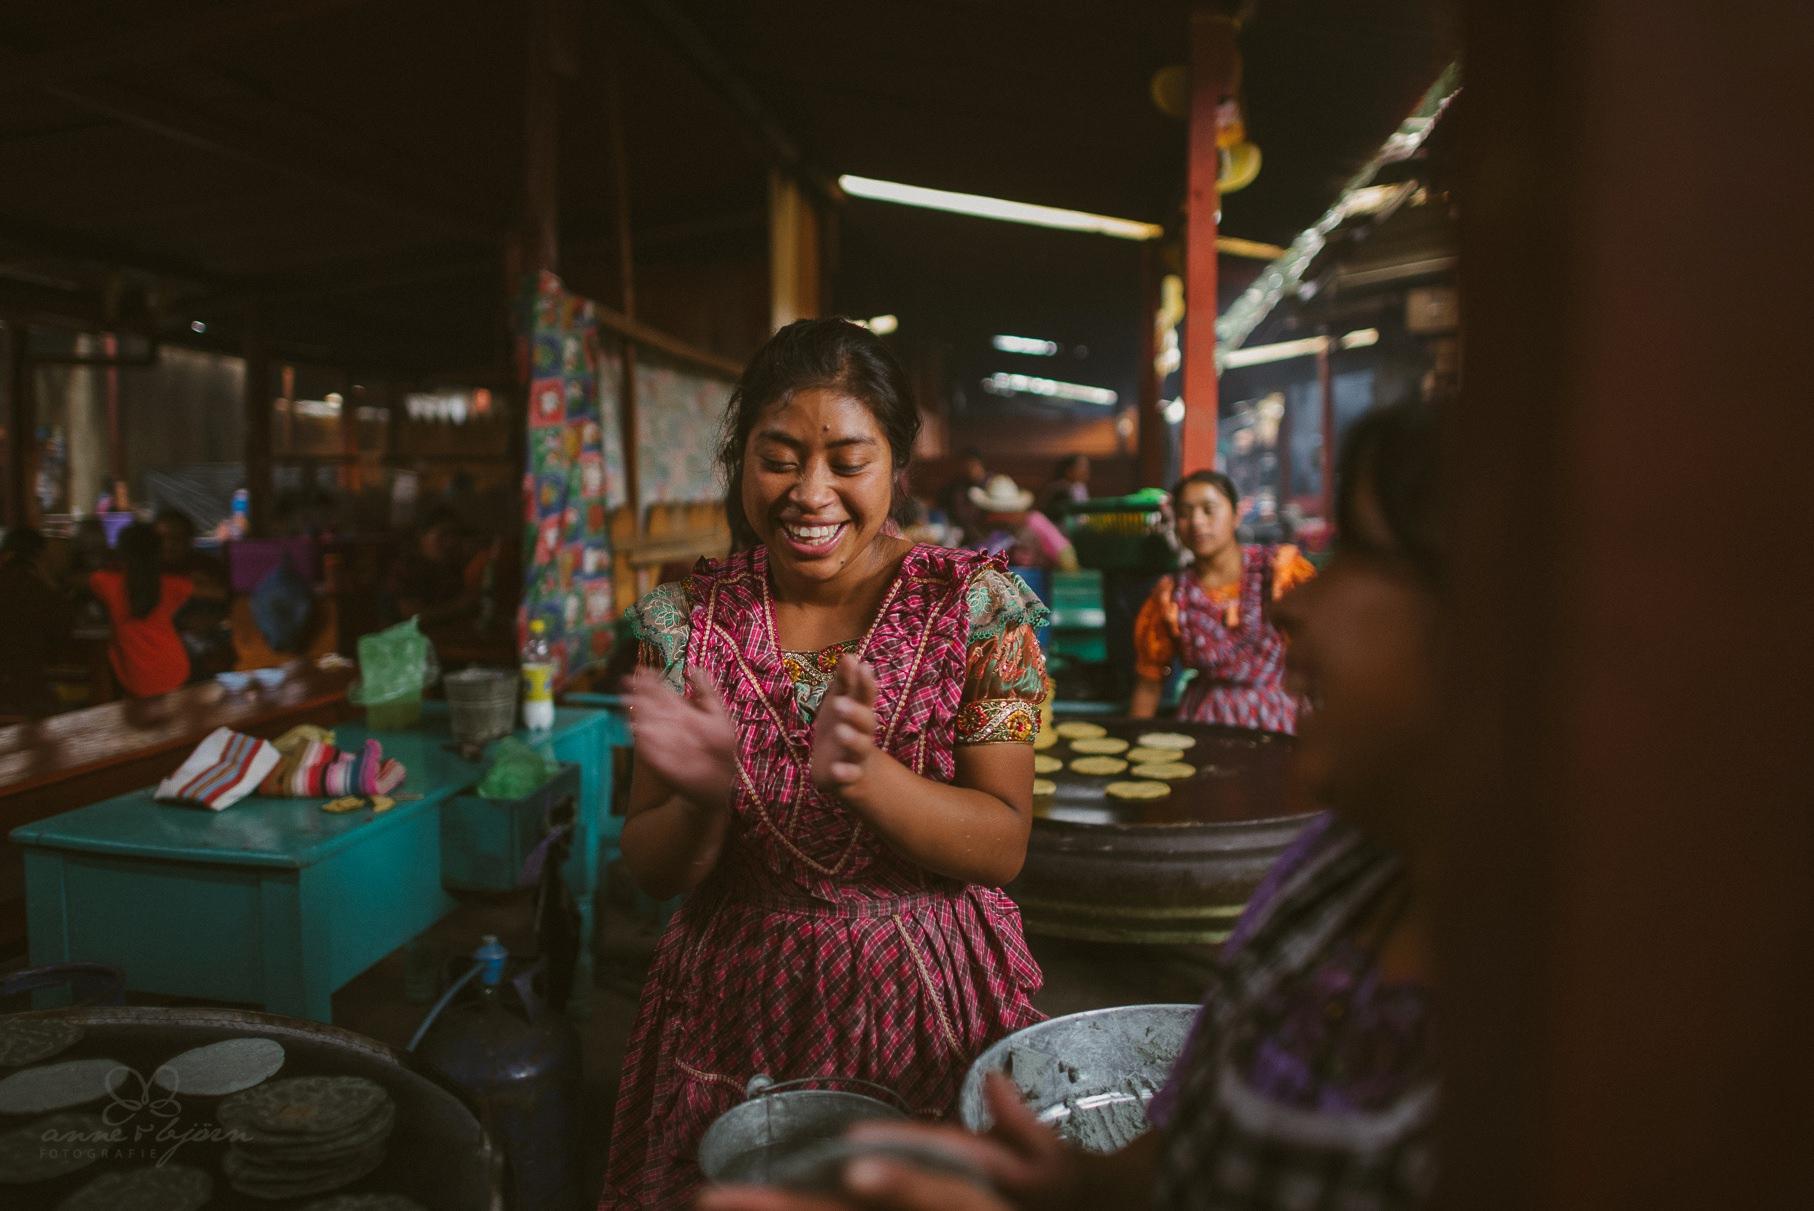 0147 anne und bjoern guatemala d75 2798 - 4 Wochen durch Guatemala - backpacking durch Mittelamerika